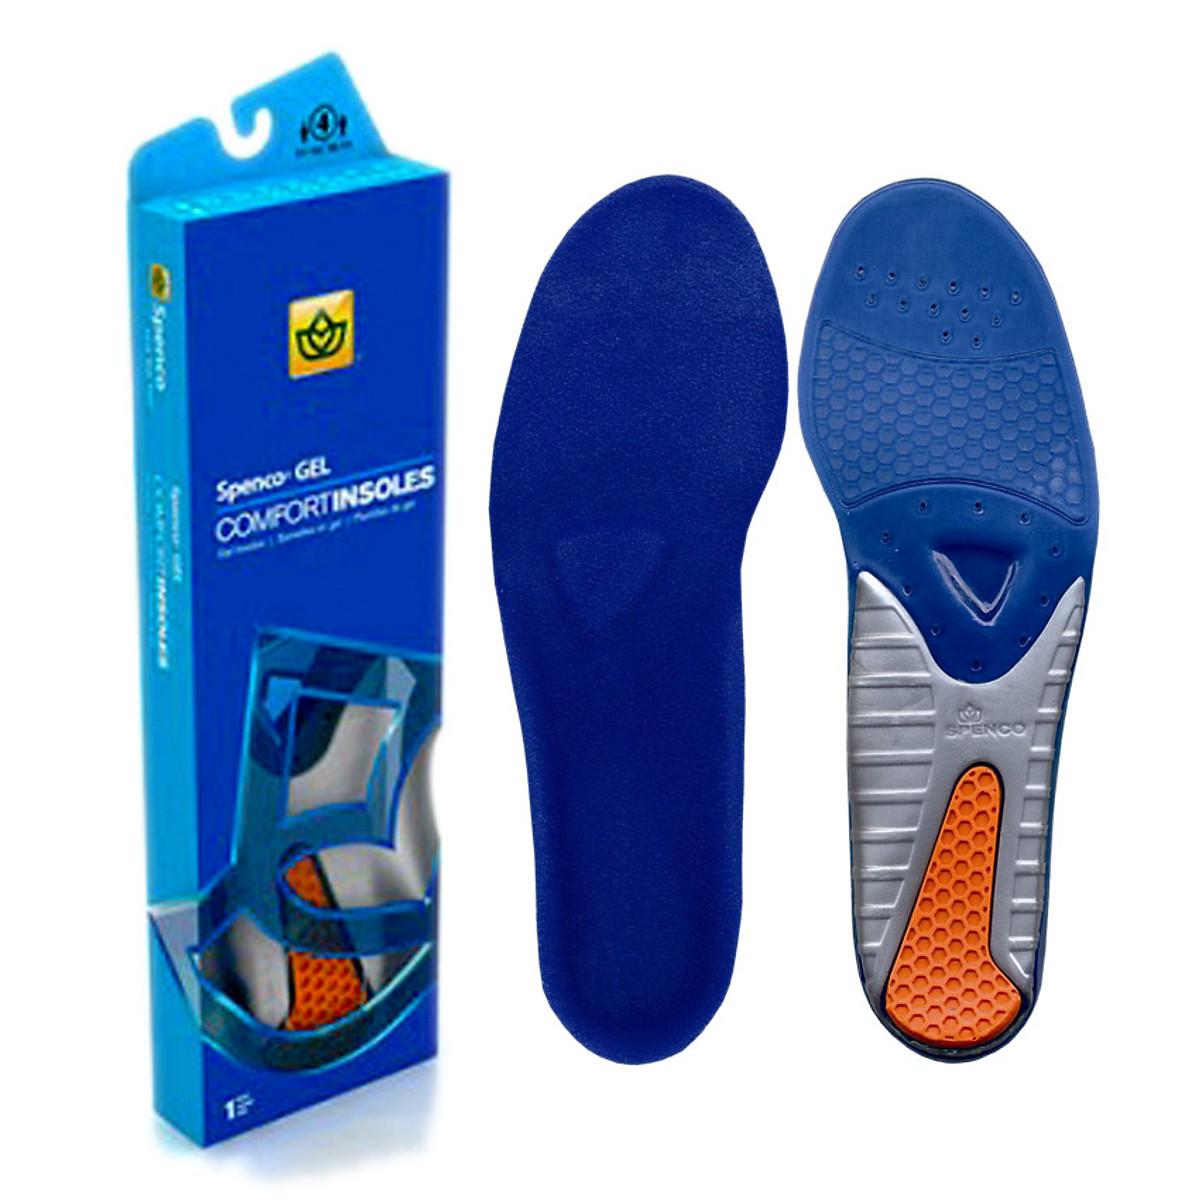 Miếng lót giày hỗ trợ đau gót Spenco Gel Comfort - Mỹ (size 0) - 1